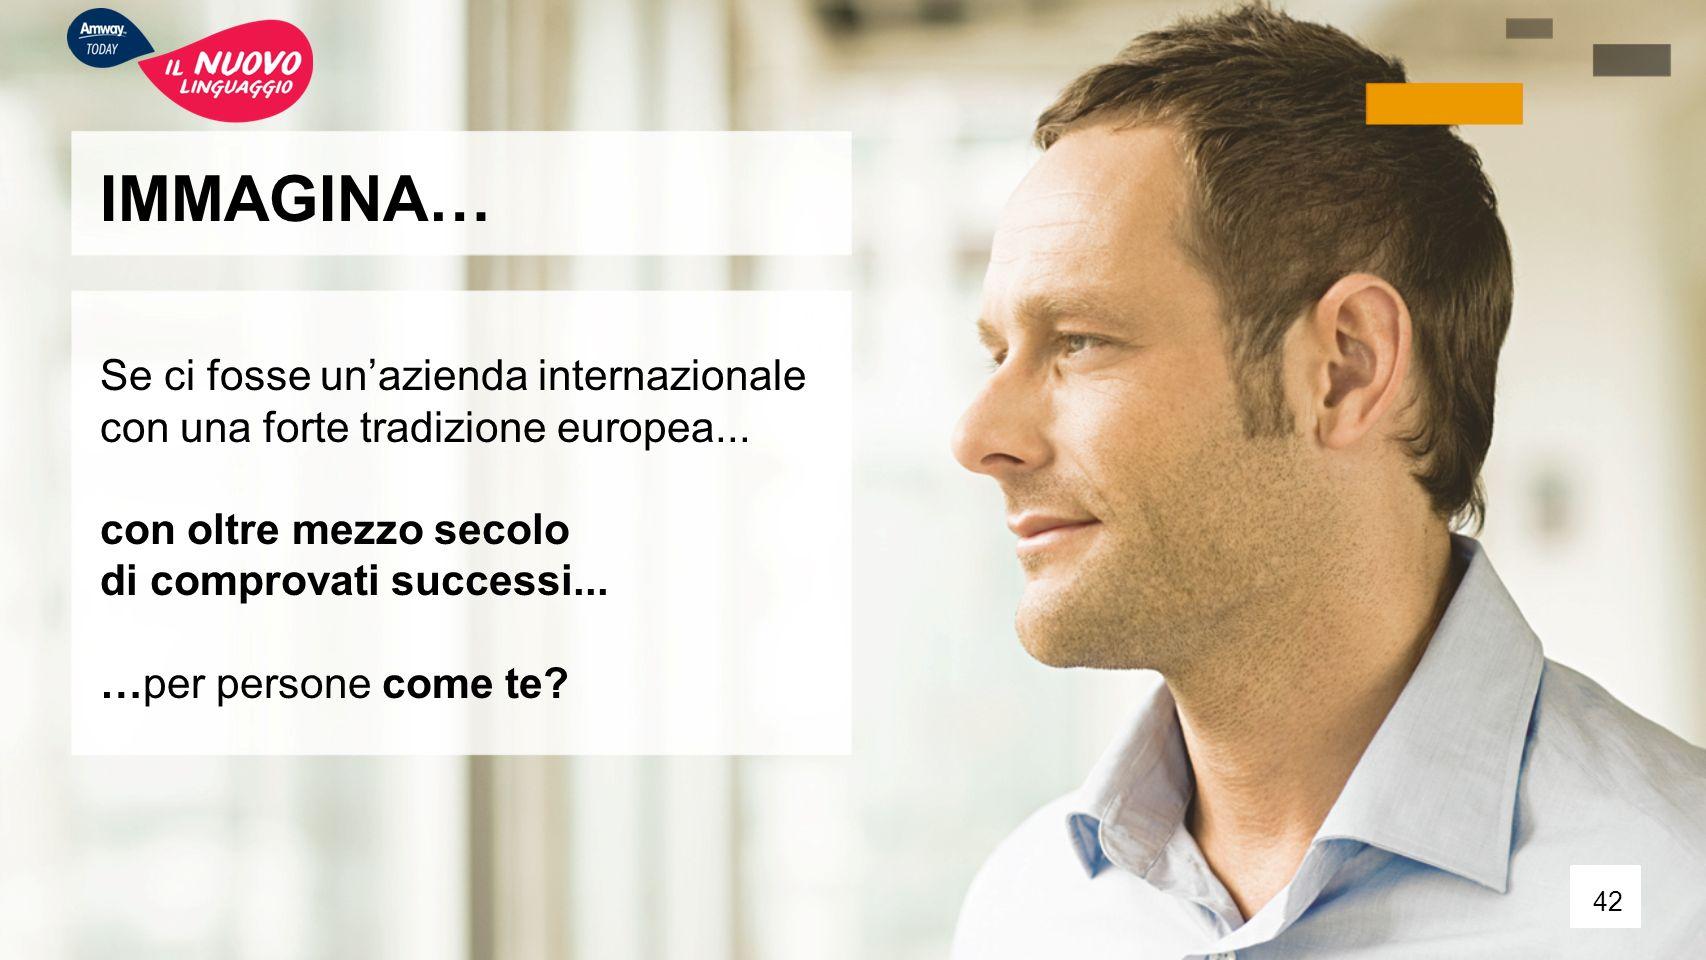 IMMAGINA… Se ci fosse un'azienda internazionale con una forte tradizione europea... con oltre mezzo secolo.